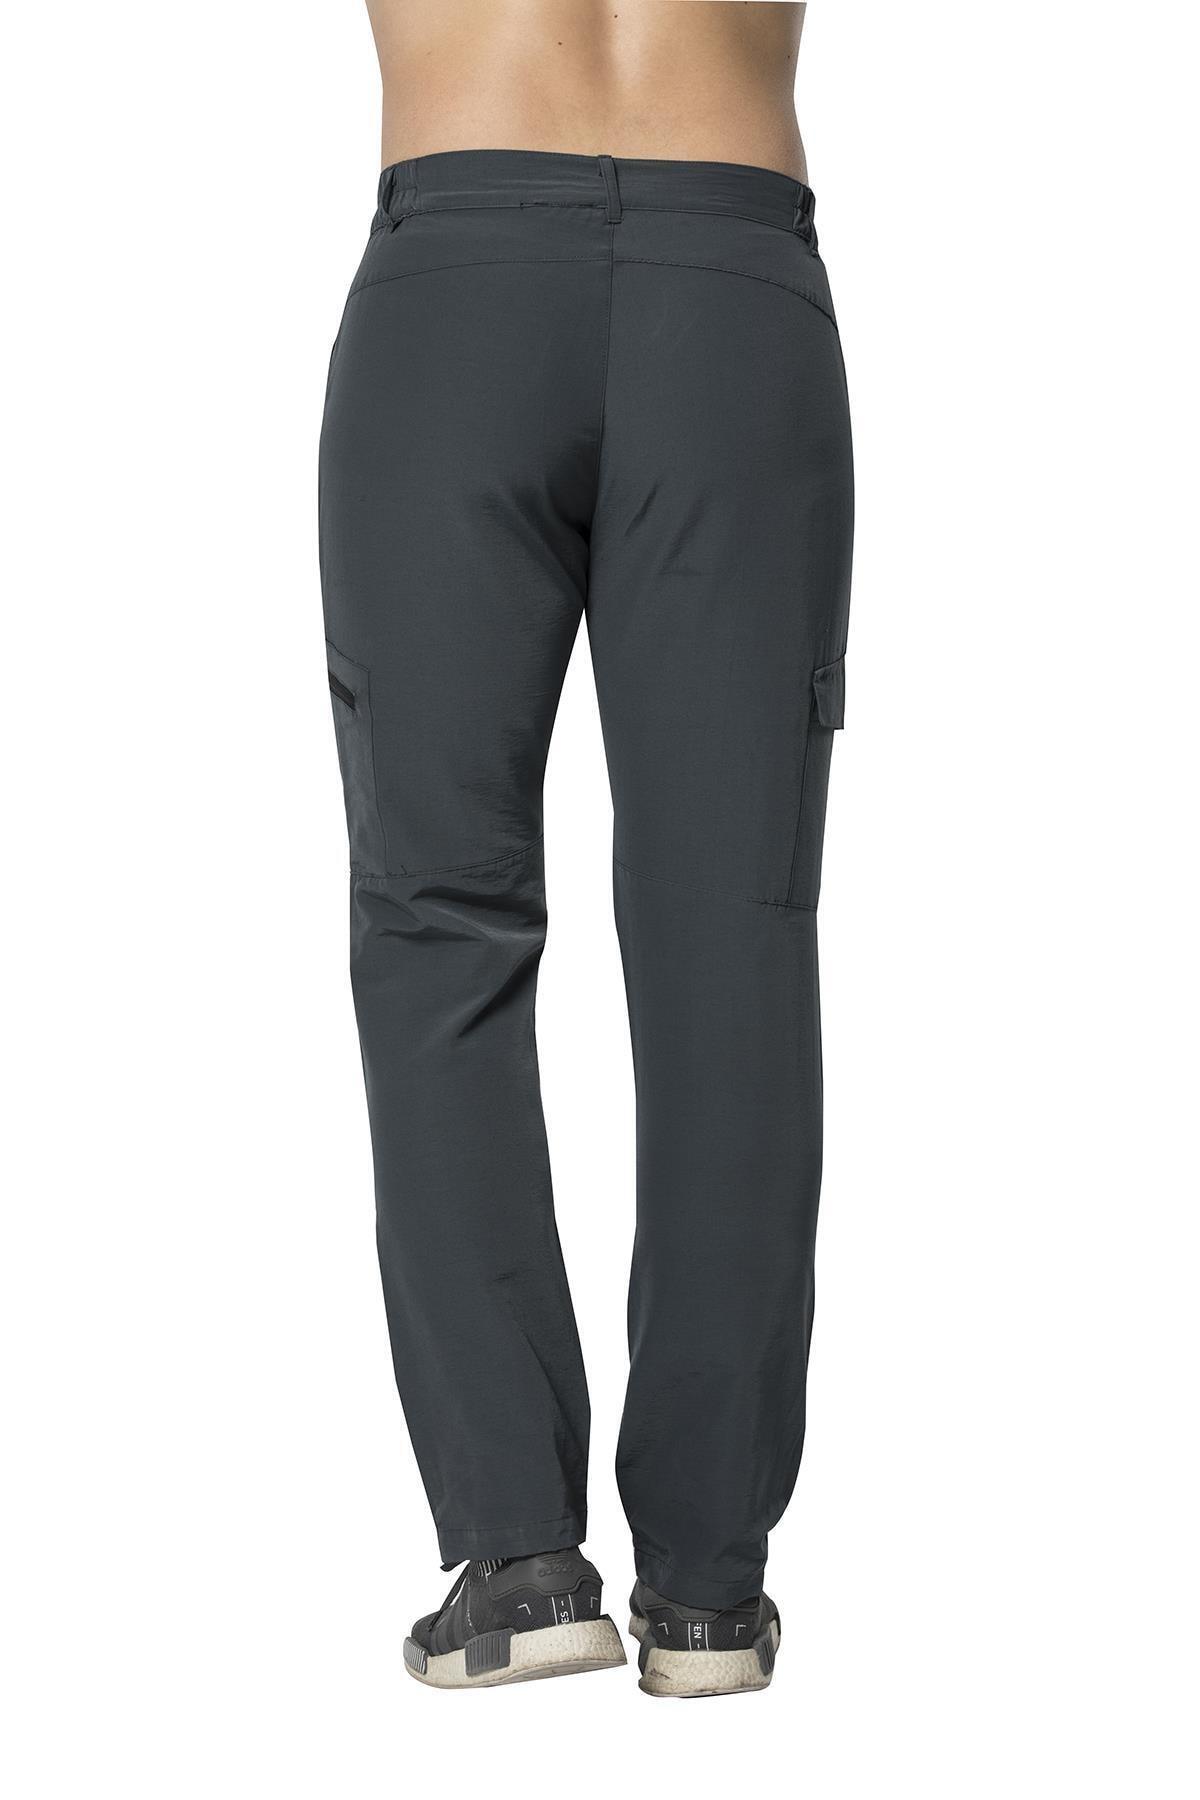 Crozwise Pamuk Polyester Erkek Outdoor Pantolon 2